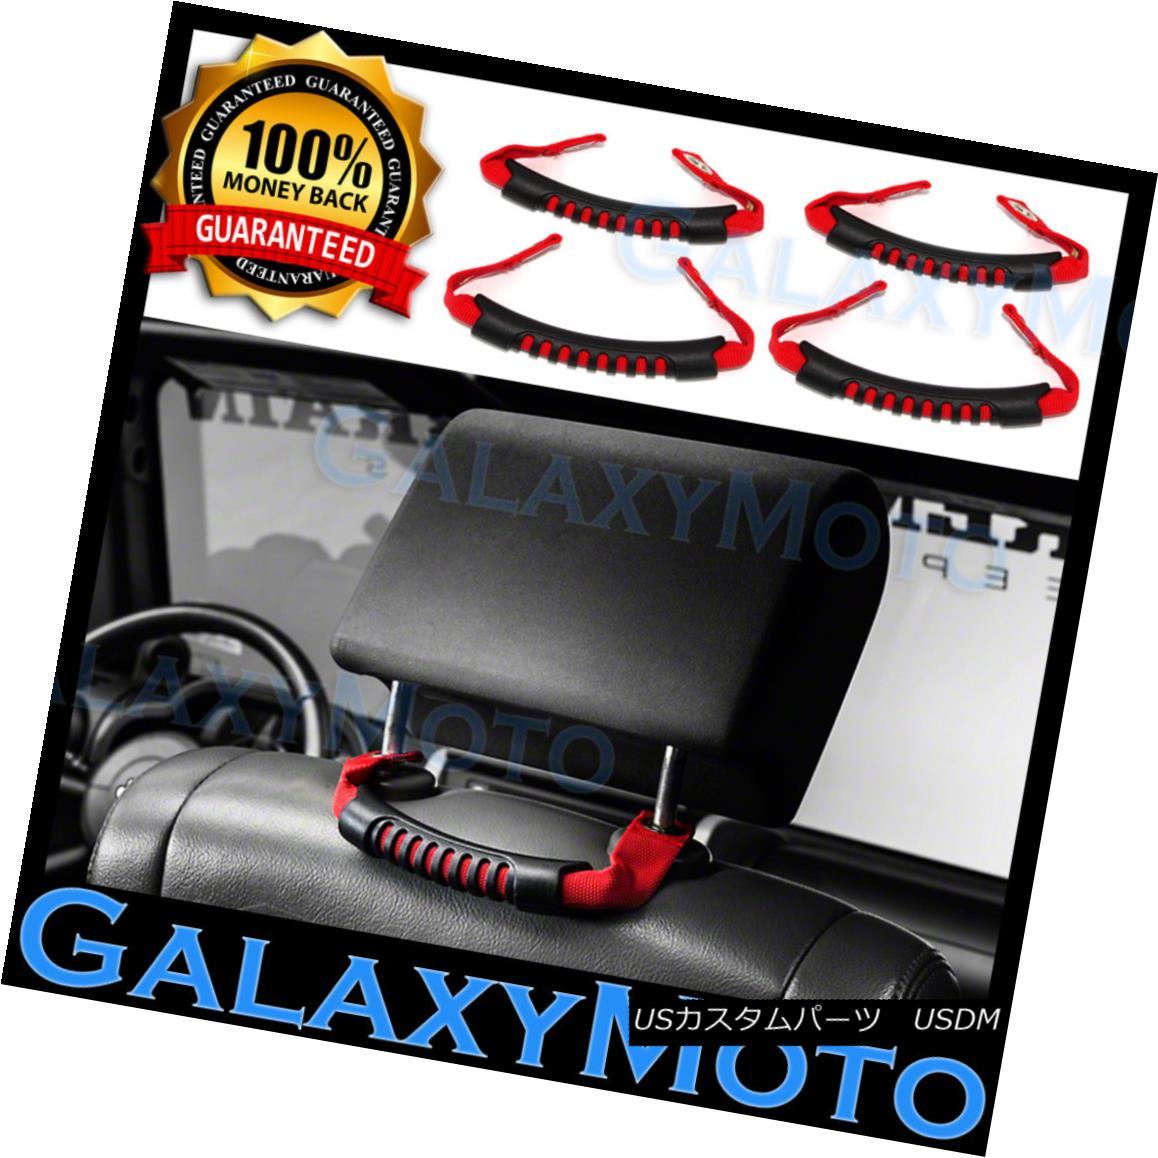 グリル Extreme Off-Road RED Black Rear Side Grab Handle 4pcs for 07-17 Jeep Wrangler JK エクストリームオフロードREDブラックリアサイドグラブハンドル4個入り07-17ジープラングラーJK